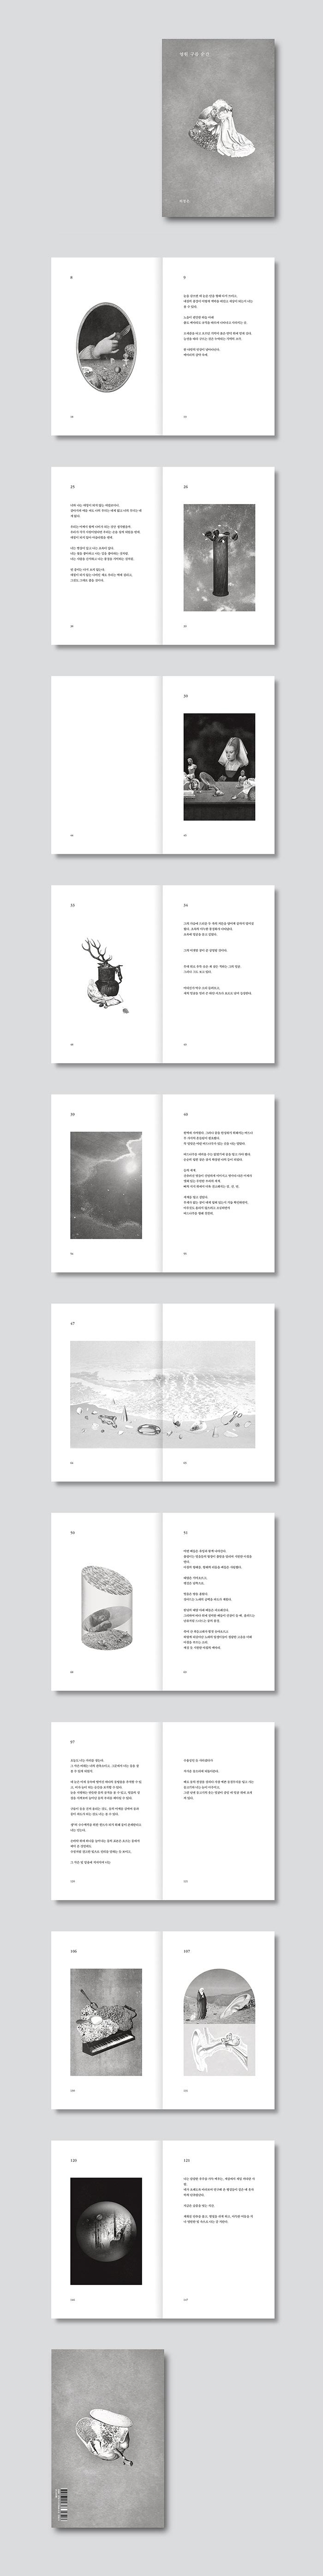 영원 구름 순간(양장본 HardCover) 도서 상세이미지